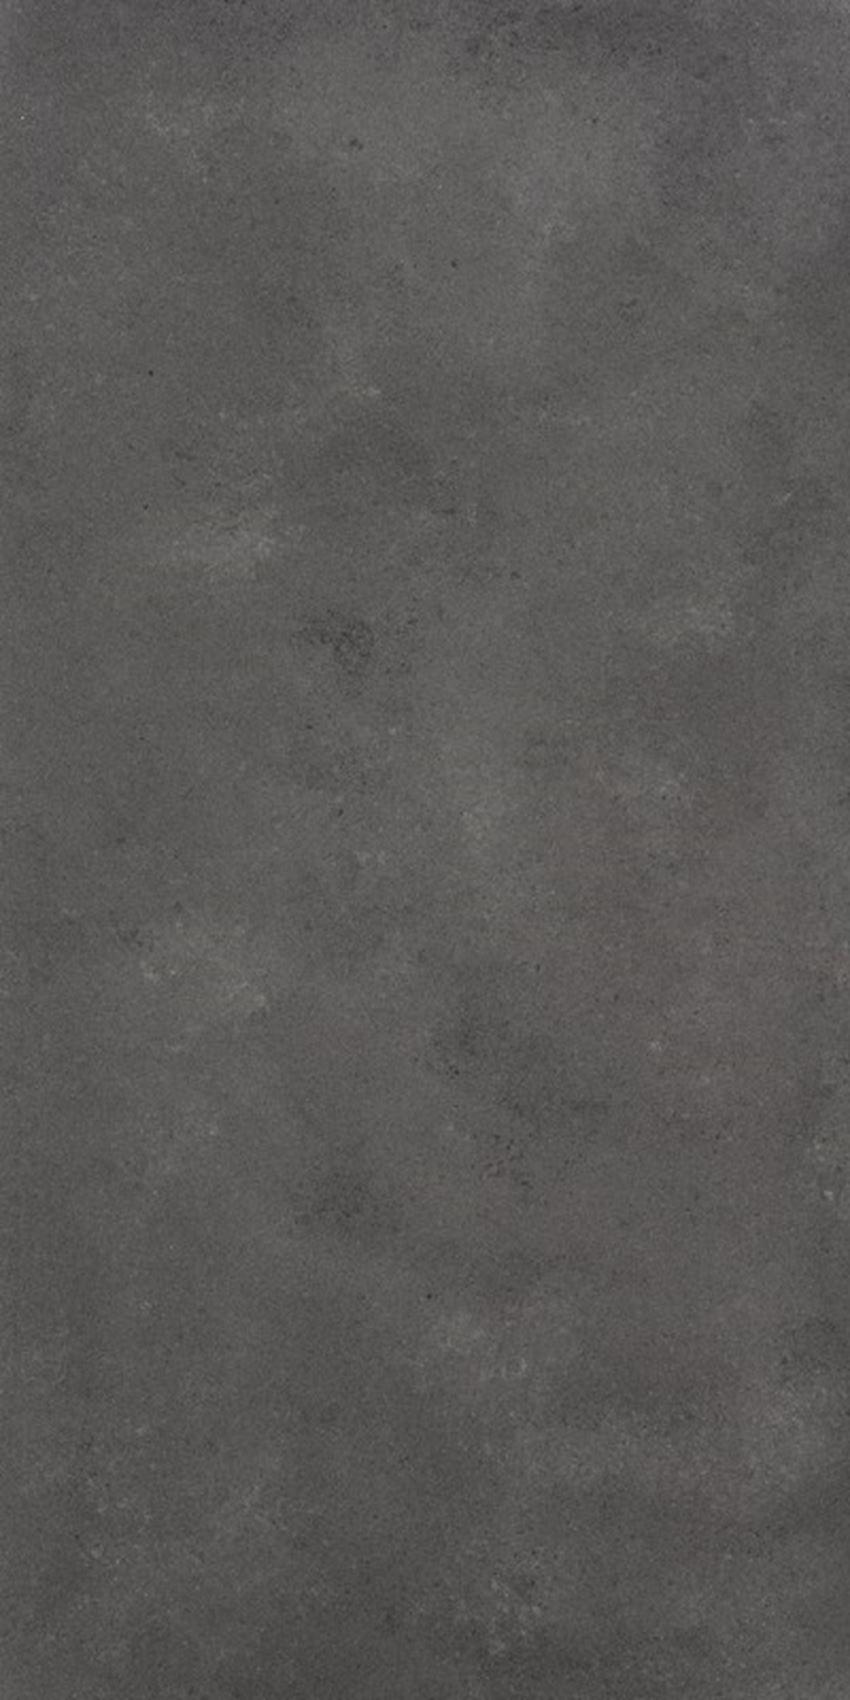 Płytka uniwersalna 59,7x119,7 cm Nowa Gala Neutro NU 14